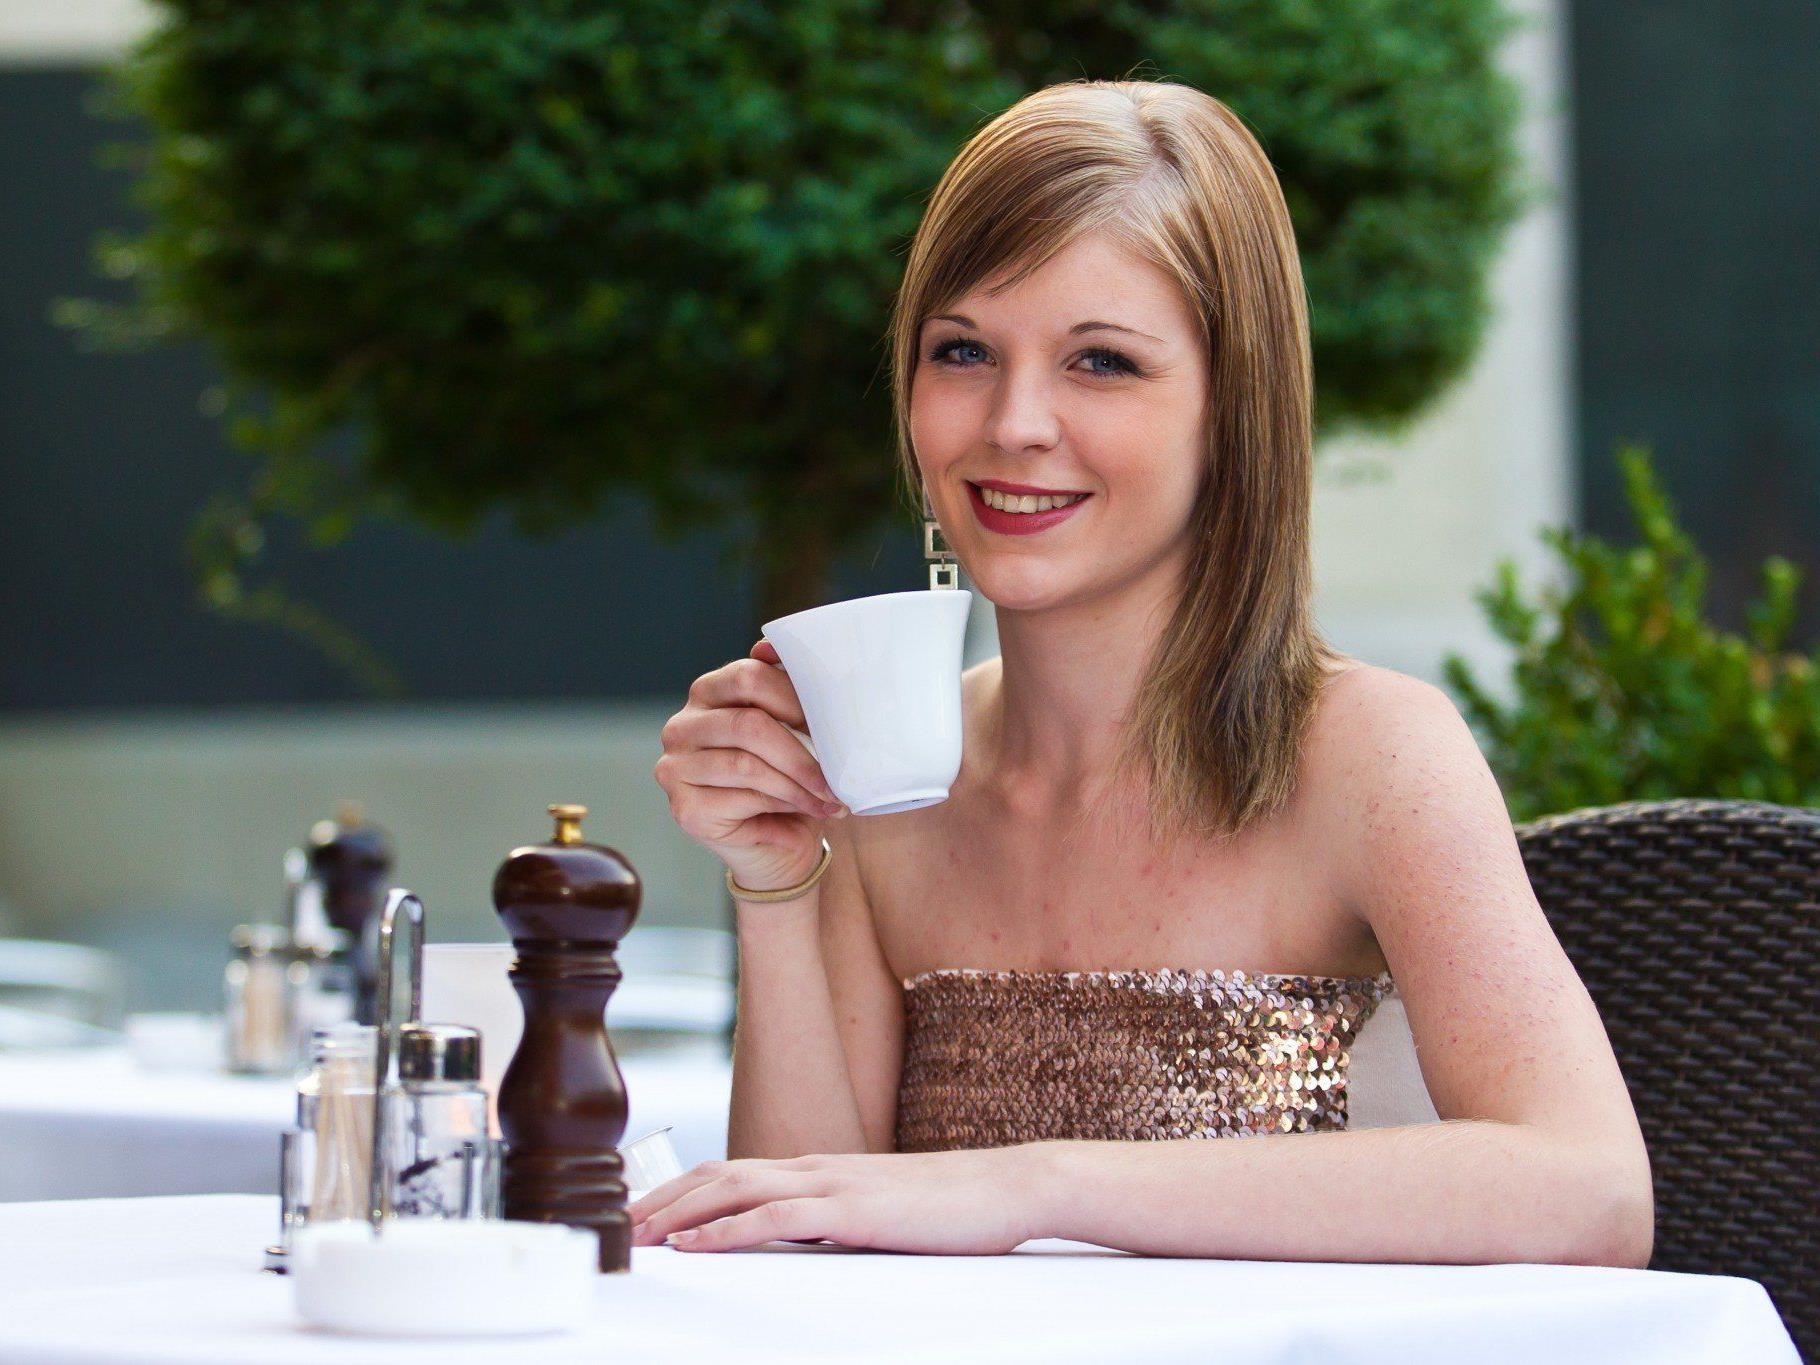 Die Vorarlberger könnten sich mit der Idee eines Anti-Cafés durchaus anfreunden.